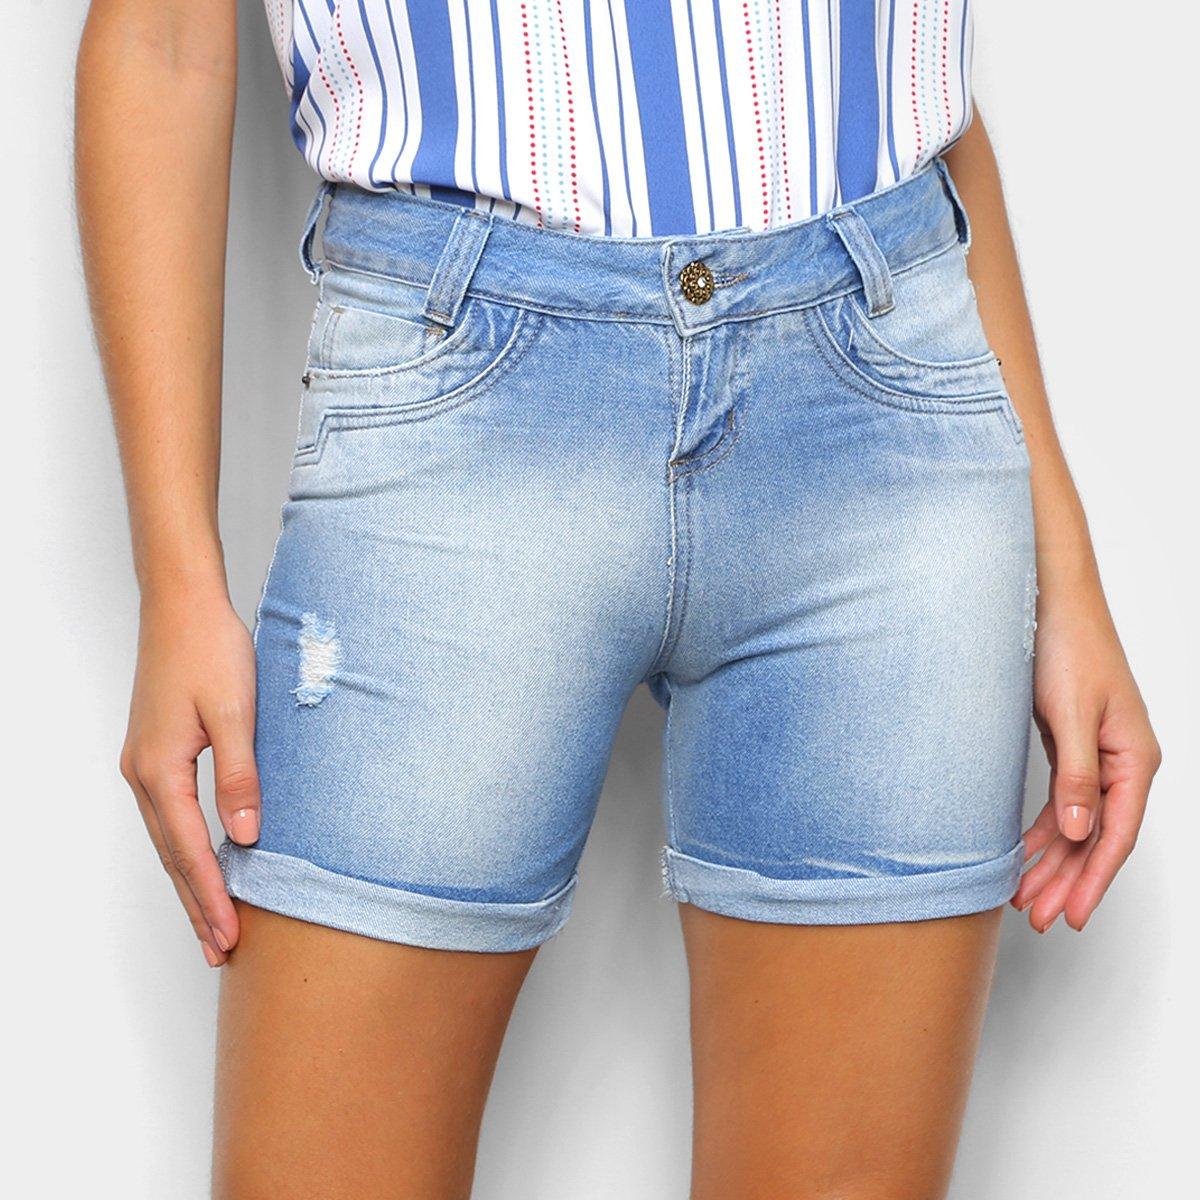 Shorts Jeans Zamany Claro Barra Virada Feminino